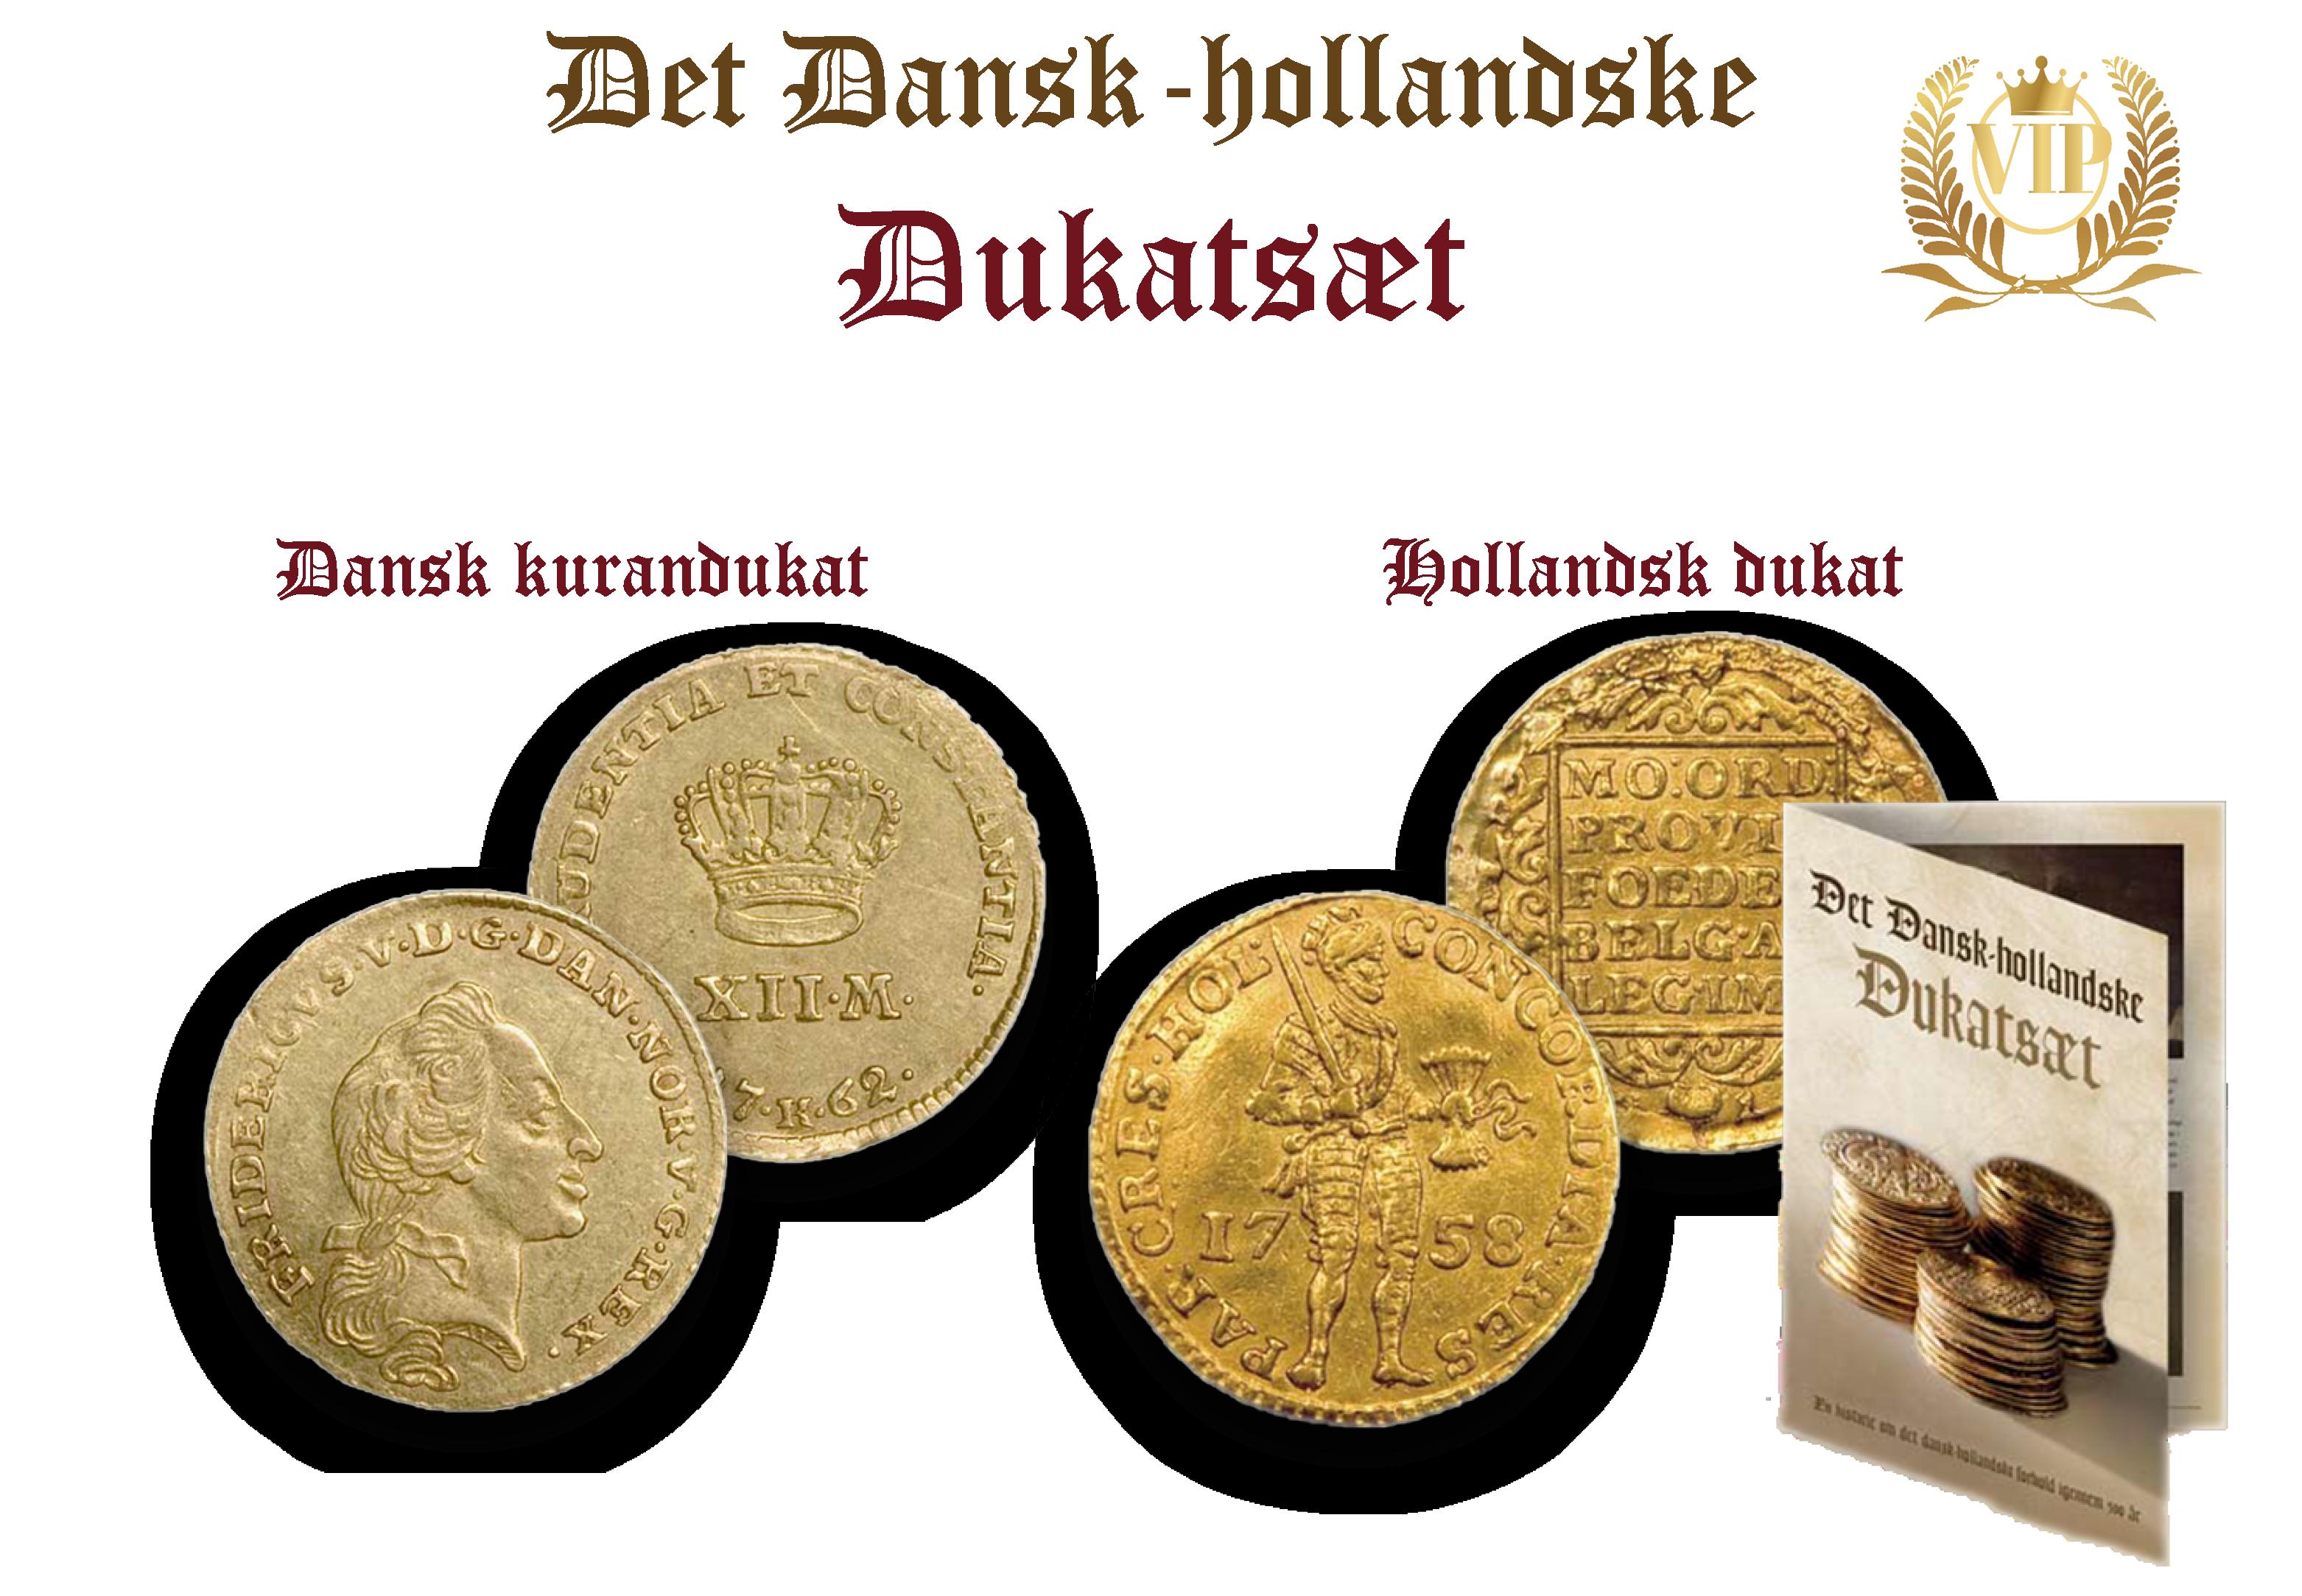 Det danske-hollandske dukatsæt